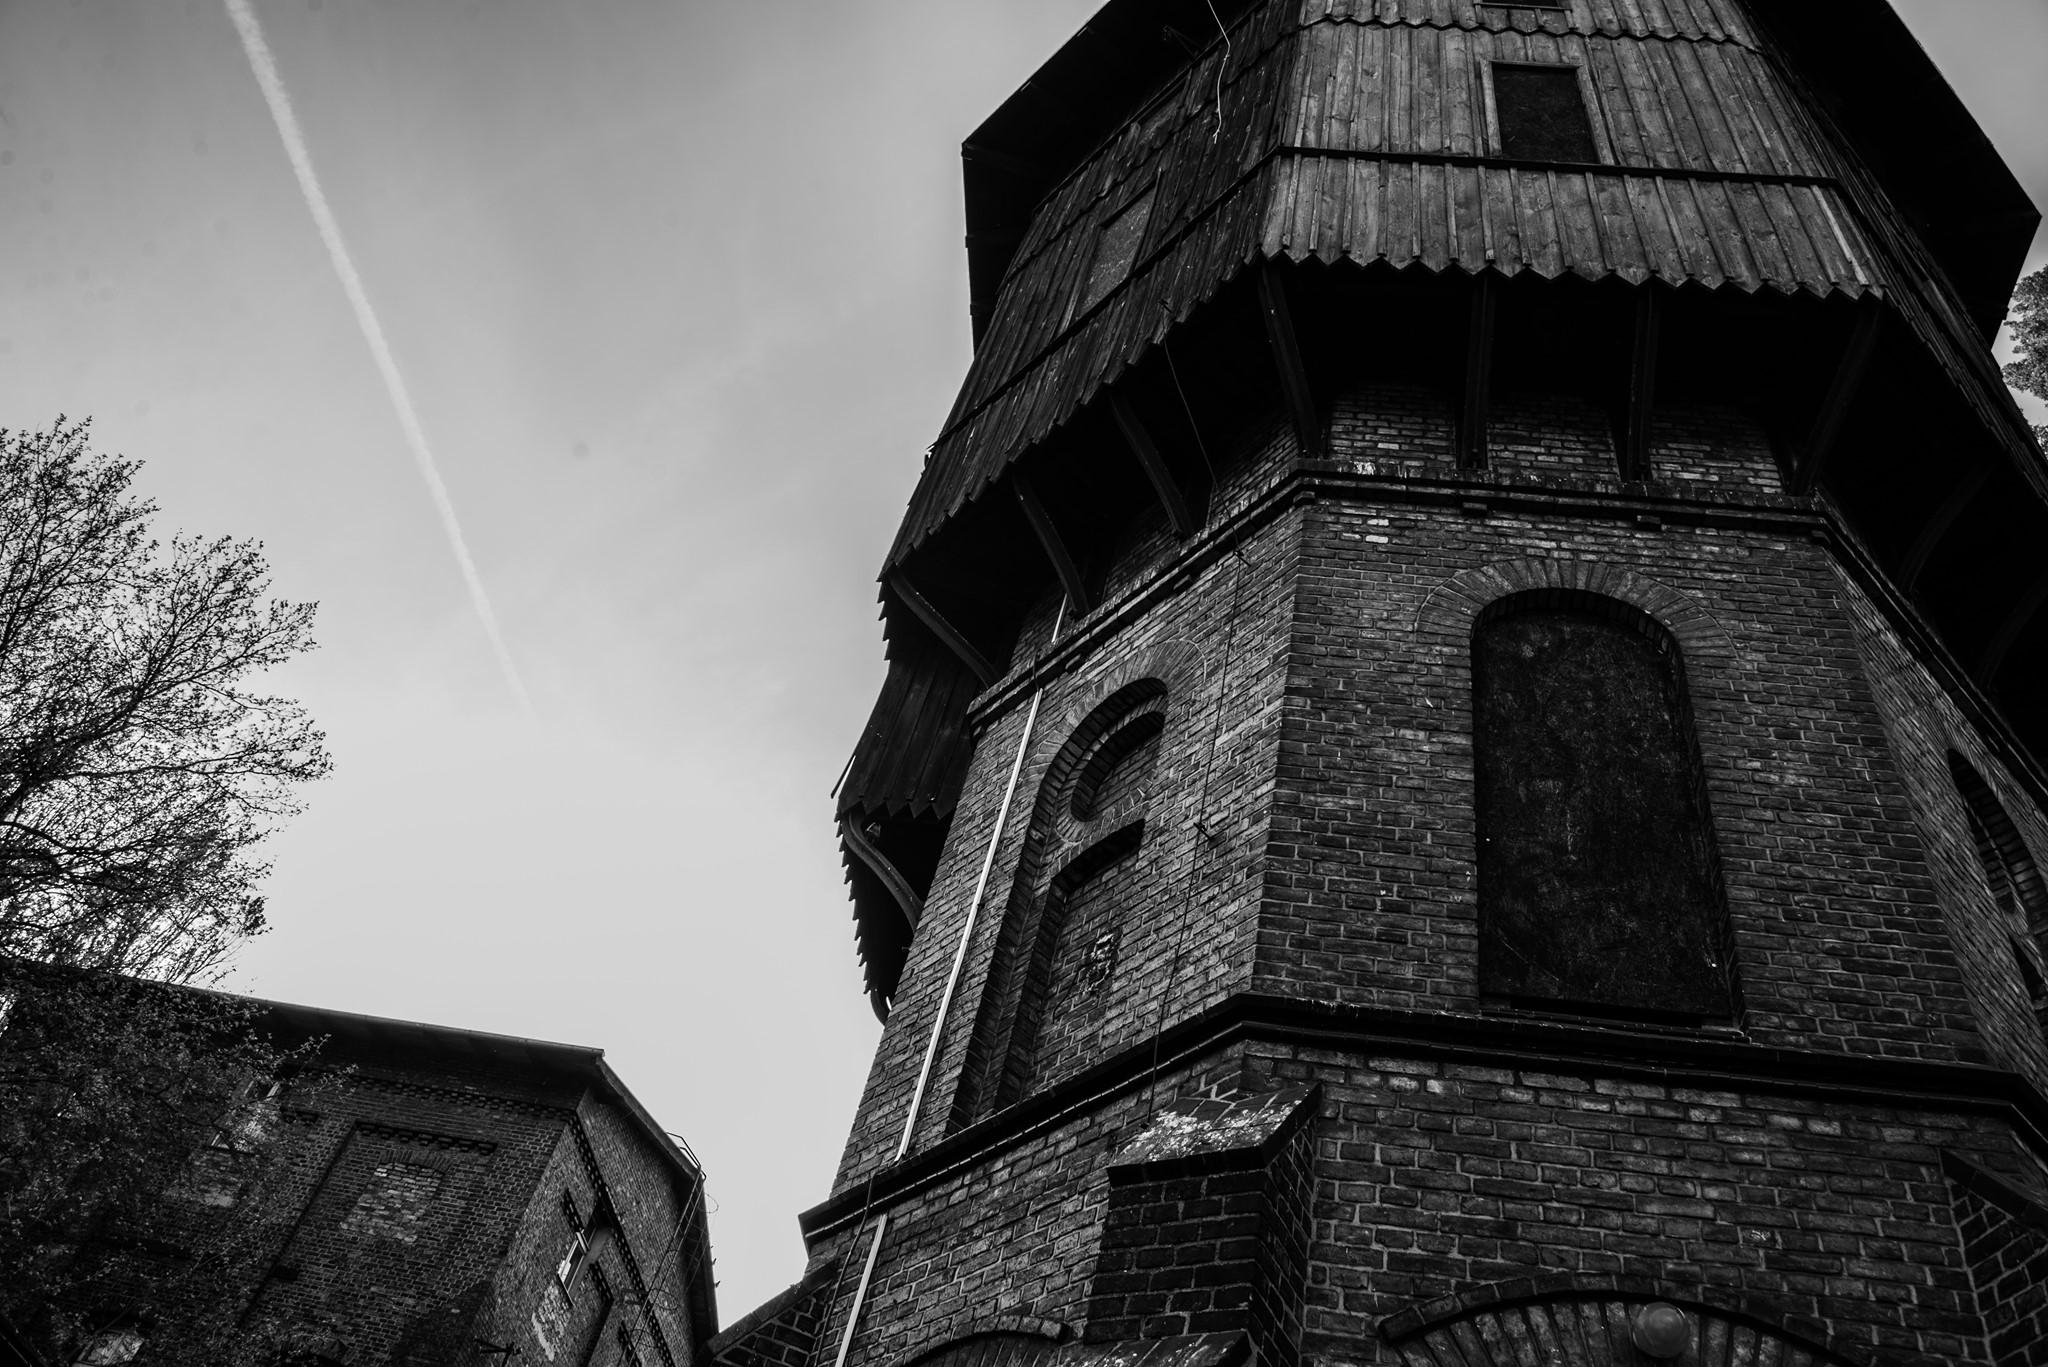 Stare zabudowania kolejowe. Fot. Justyna Smoguła